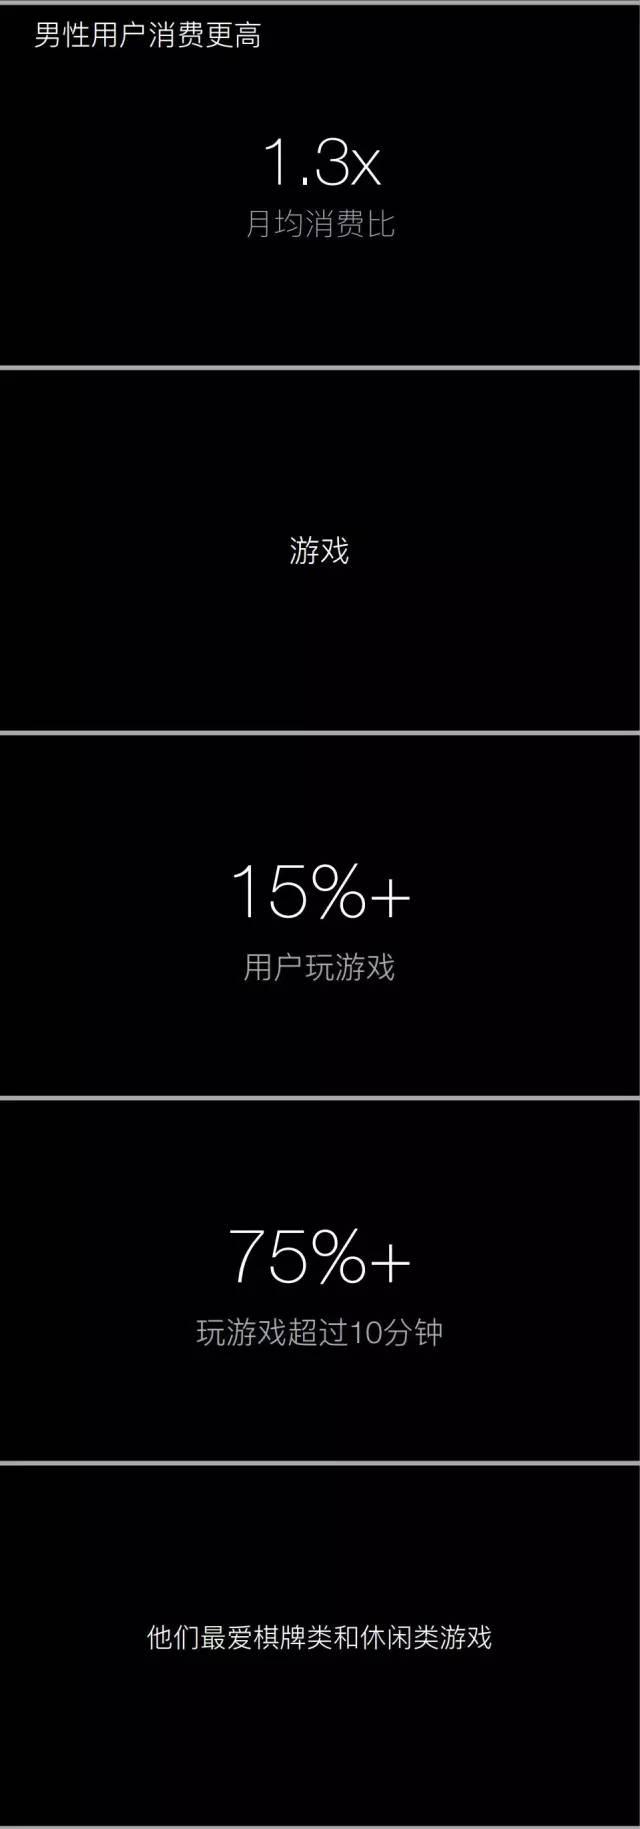 腾讯首次公布微信生活白皮书(图)